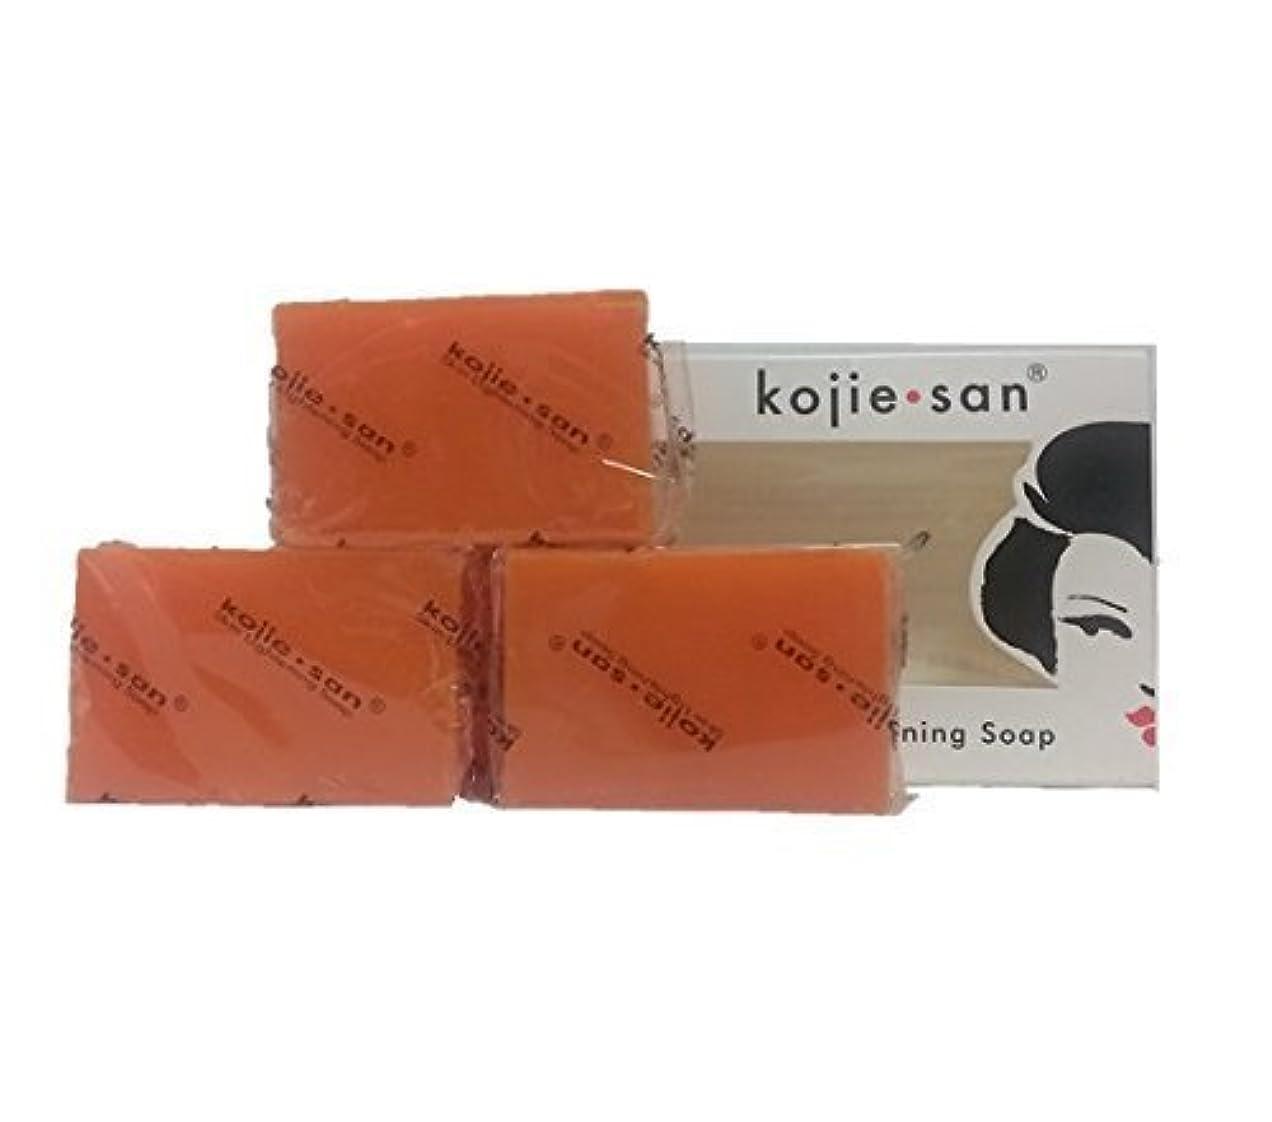 程度膜振動させるKojie san Skin Lightning Soap 3 pcs こじえさんスキンライトニングソープ3個パック [並行輸入品]